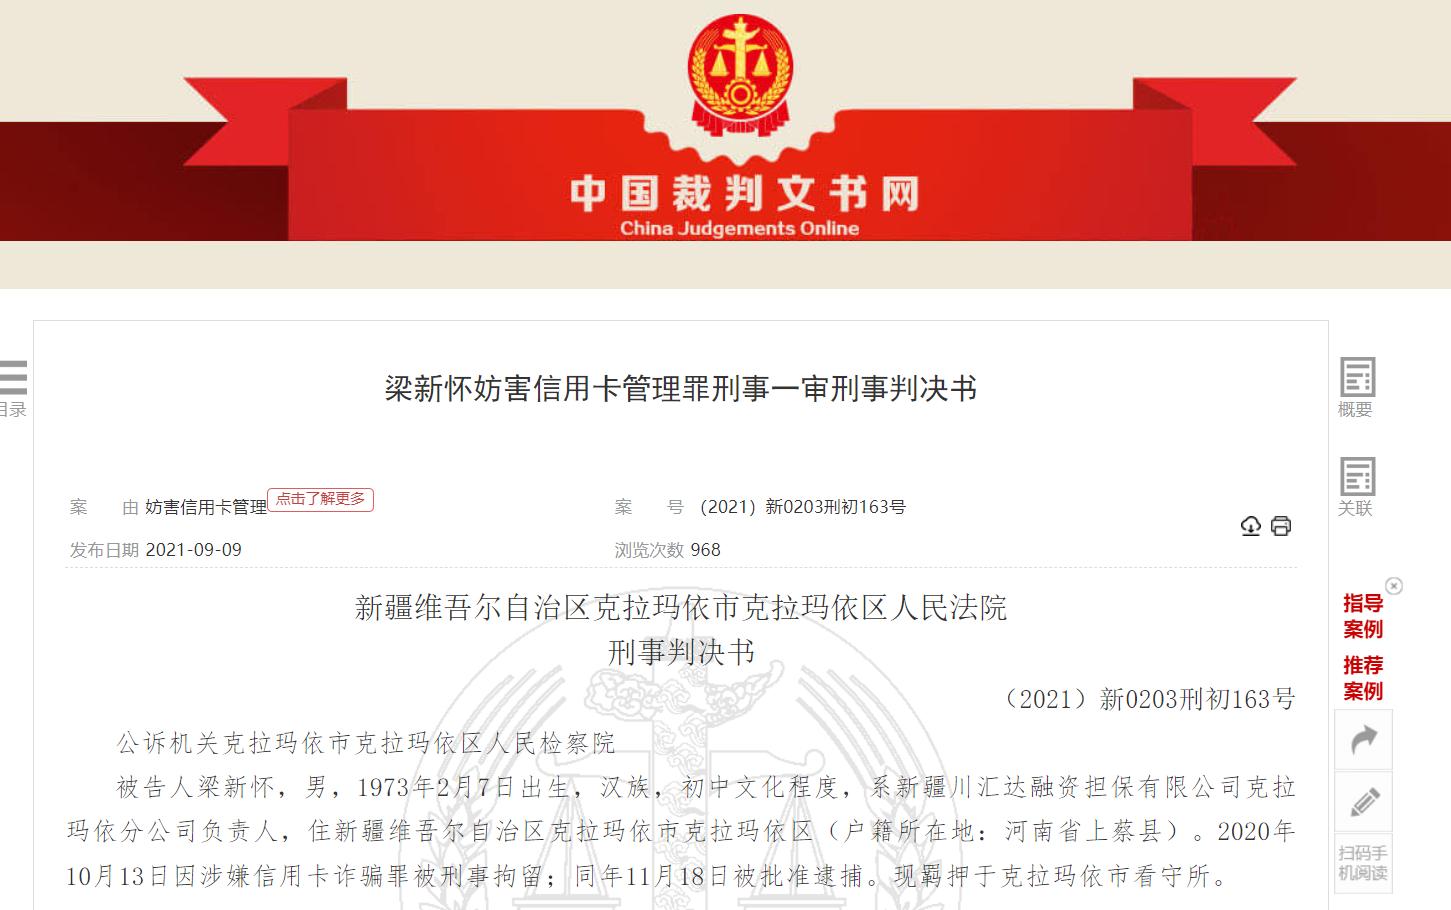 """国民村镇银行被骗贷3880万元,暴露小银行""""以存定贷""""乱象"""